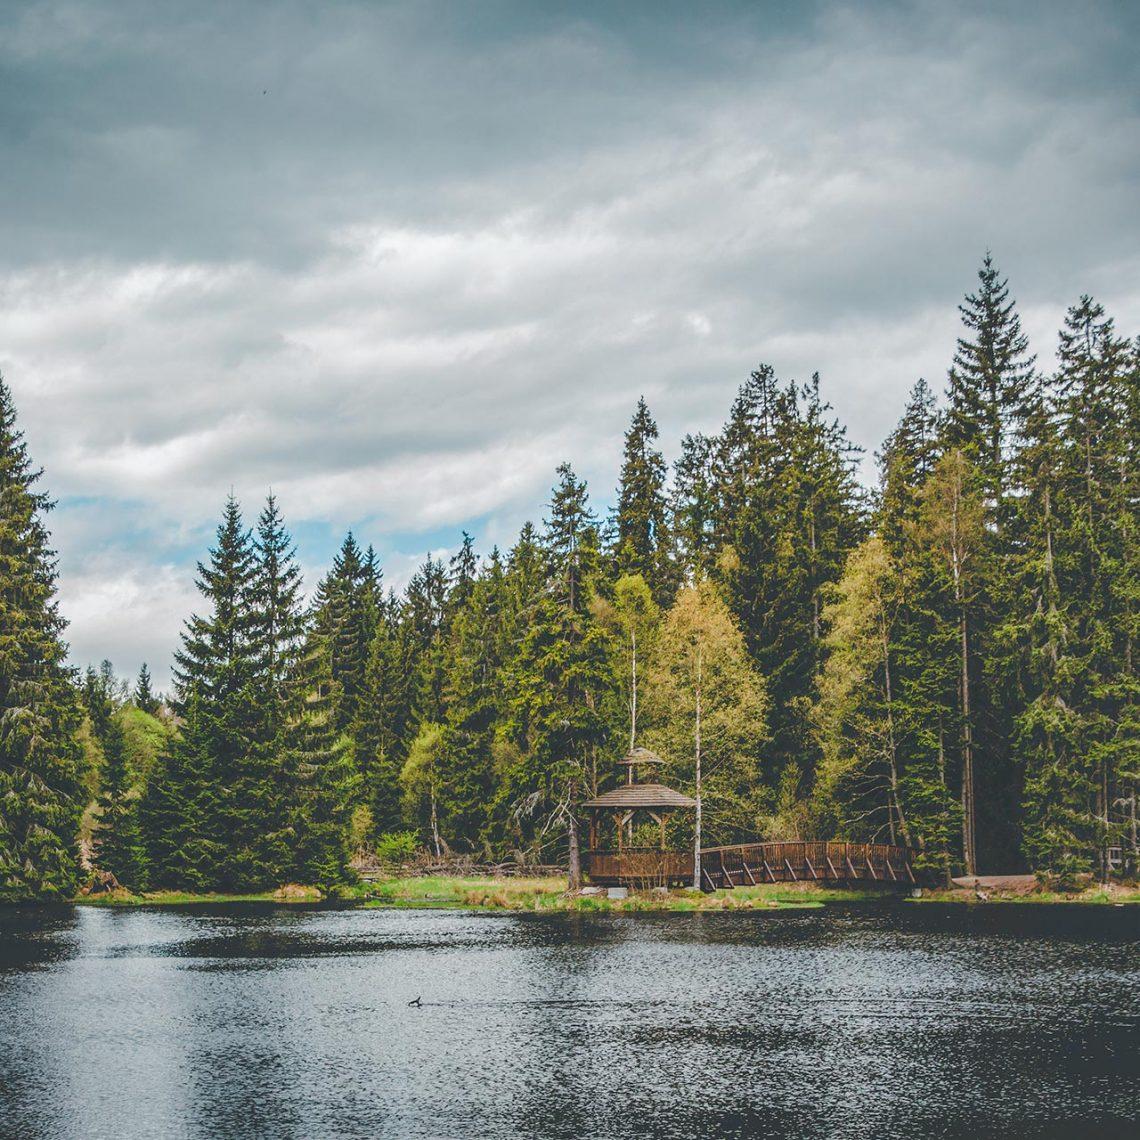 Rund um die Kladská-Seen führt ein Lehrpfad, der Auskunft über die Artenvielfalt der angrenzenden Moore gibt